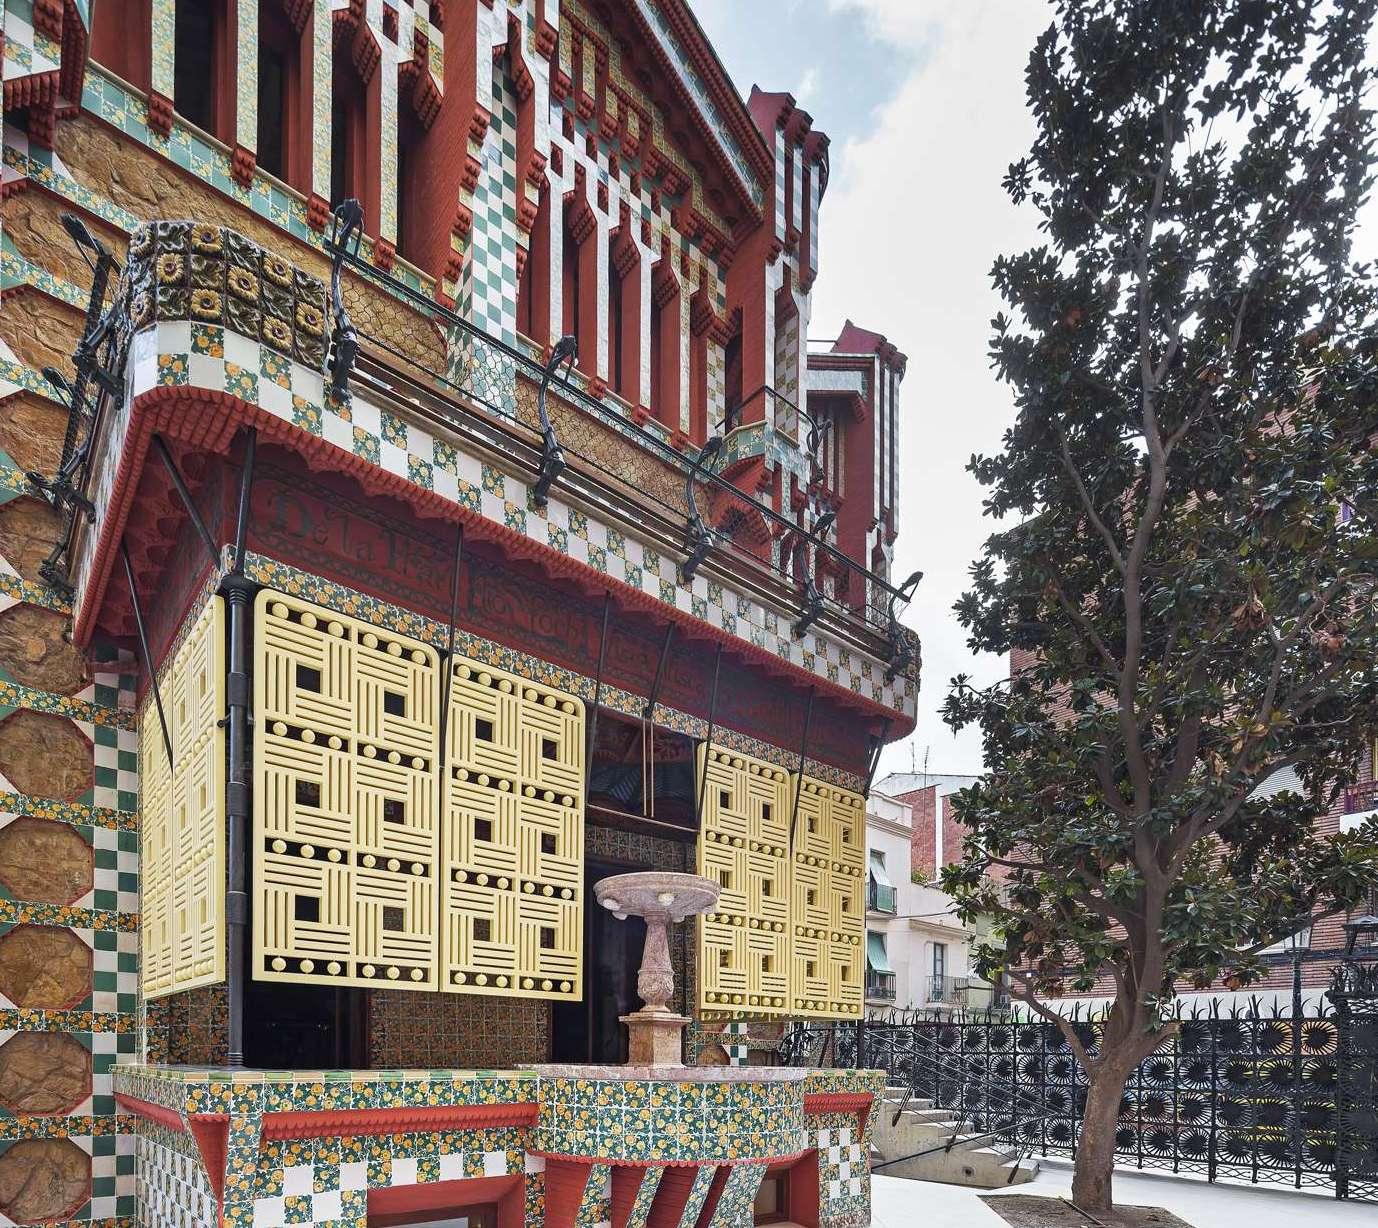 Il tagete giallo (garofano indiano) riprodotto sulle ceramiche e i ferri battuti della facciata esterna